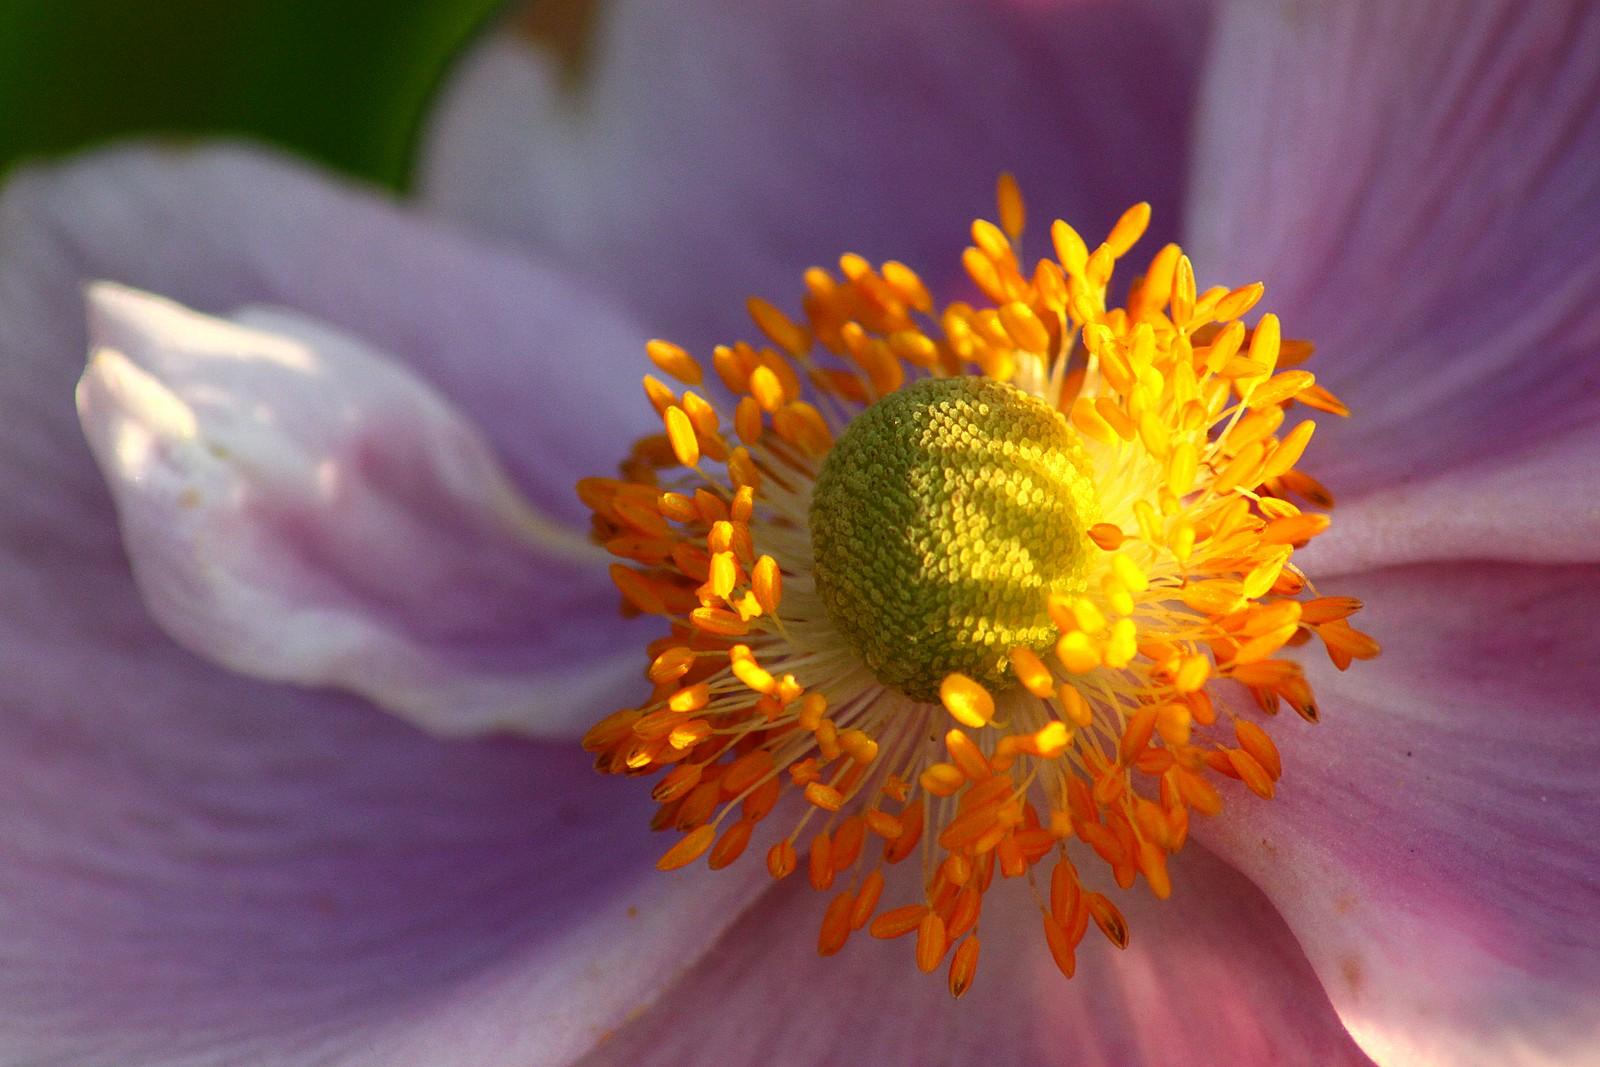 Some kind of flower